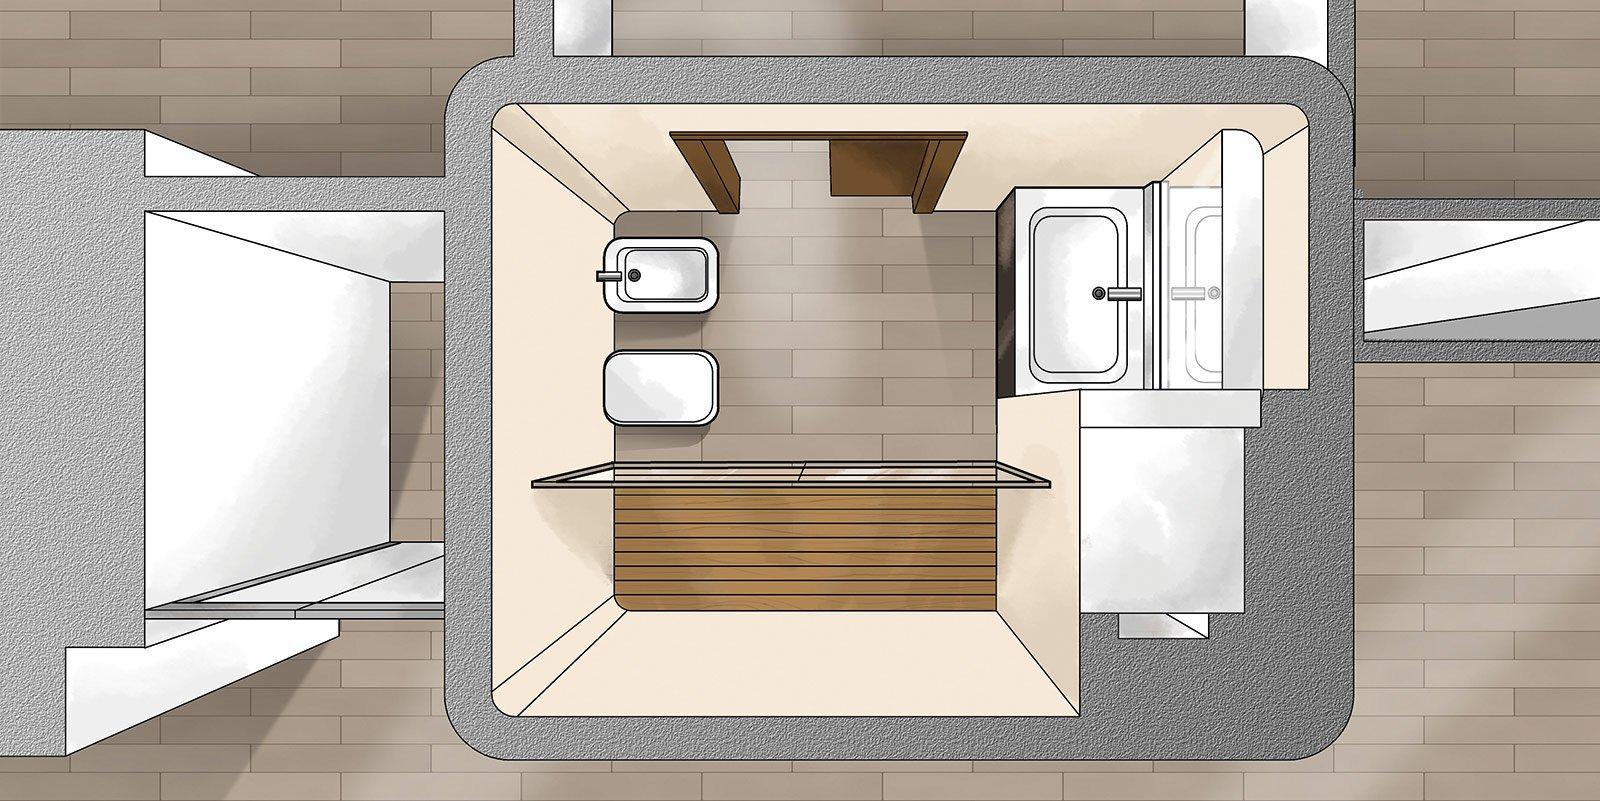 Suddivisioni ottimizzate per la casa di meno di 100 mq cose di casa - Progetto bagno 2 mq ...